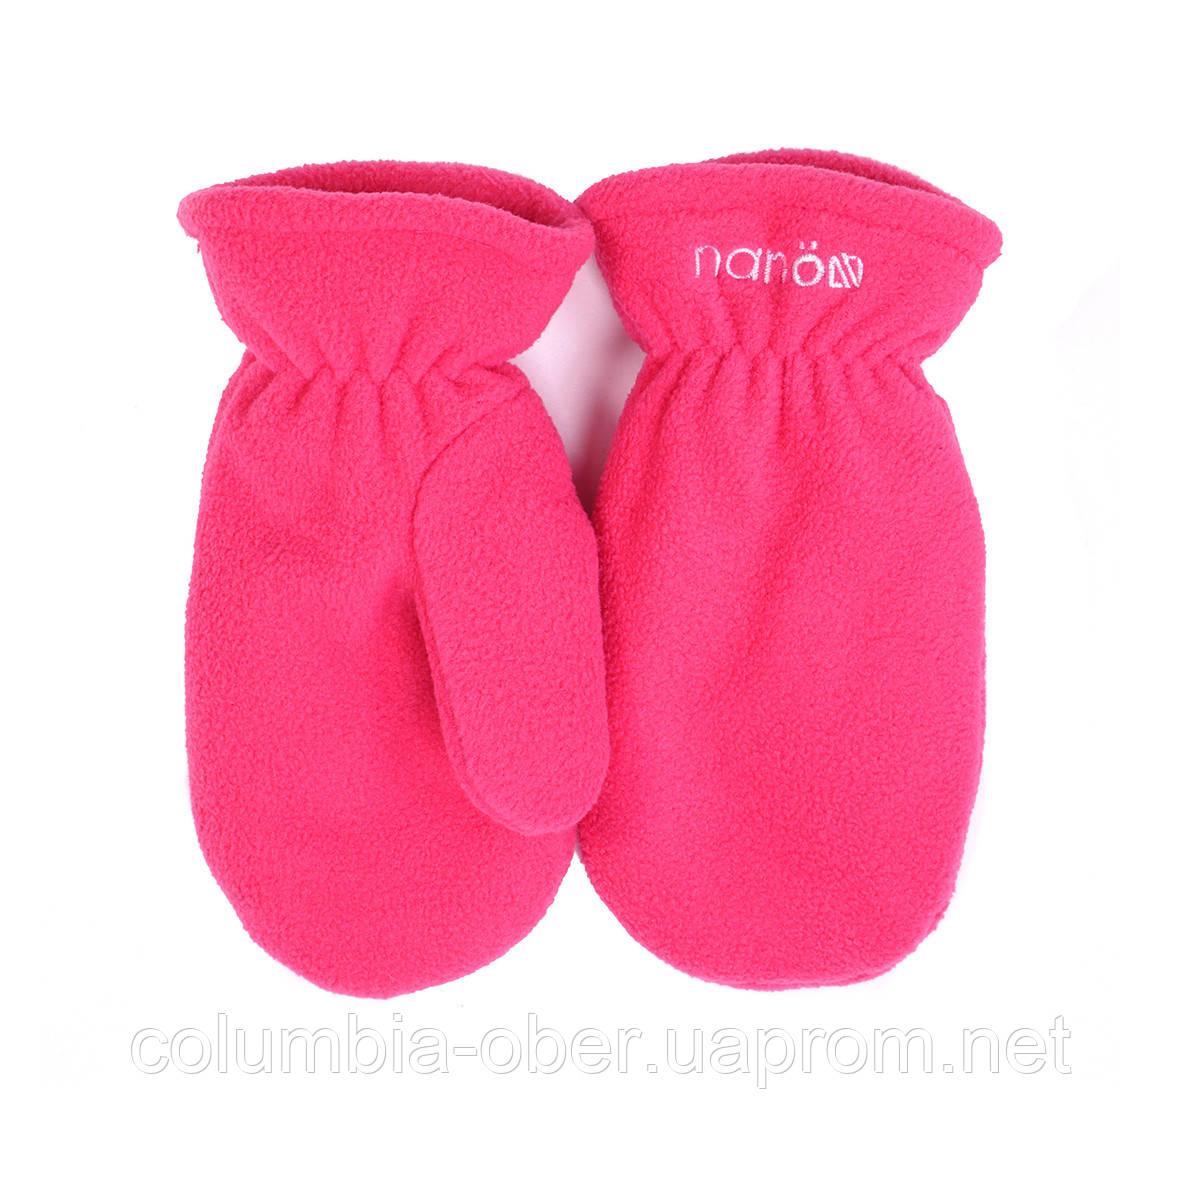 Зимние флисовые рукавицы для девочки Nano 500 MITP F16 Bright Coraline. Размеры 12/24 мес -10/12.